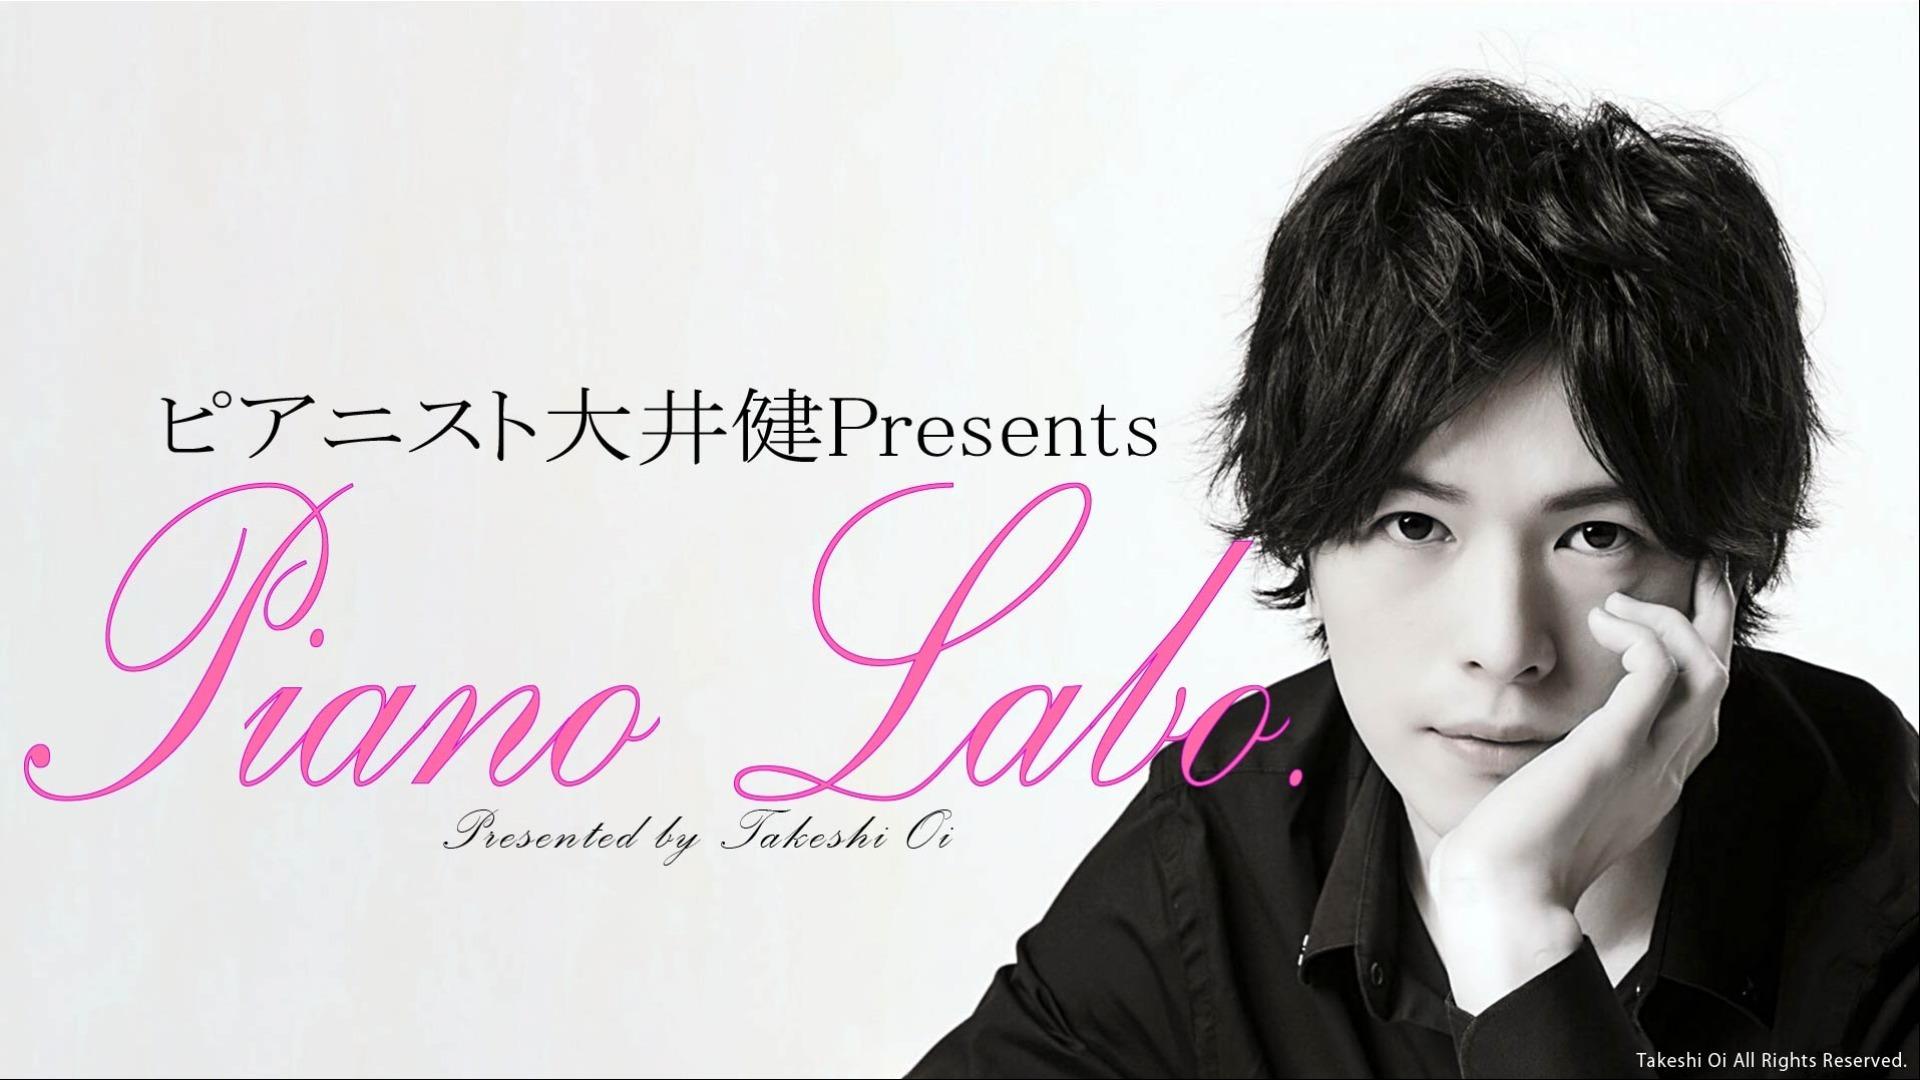 ピアニスト大井健 Presents | PIANO LABO